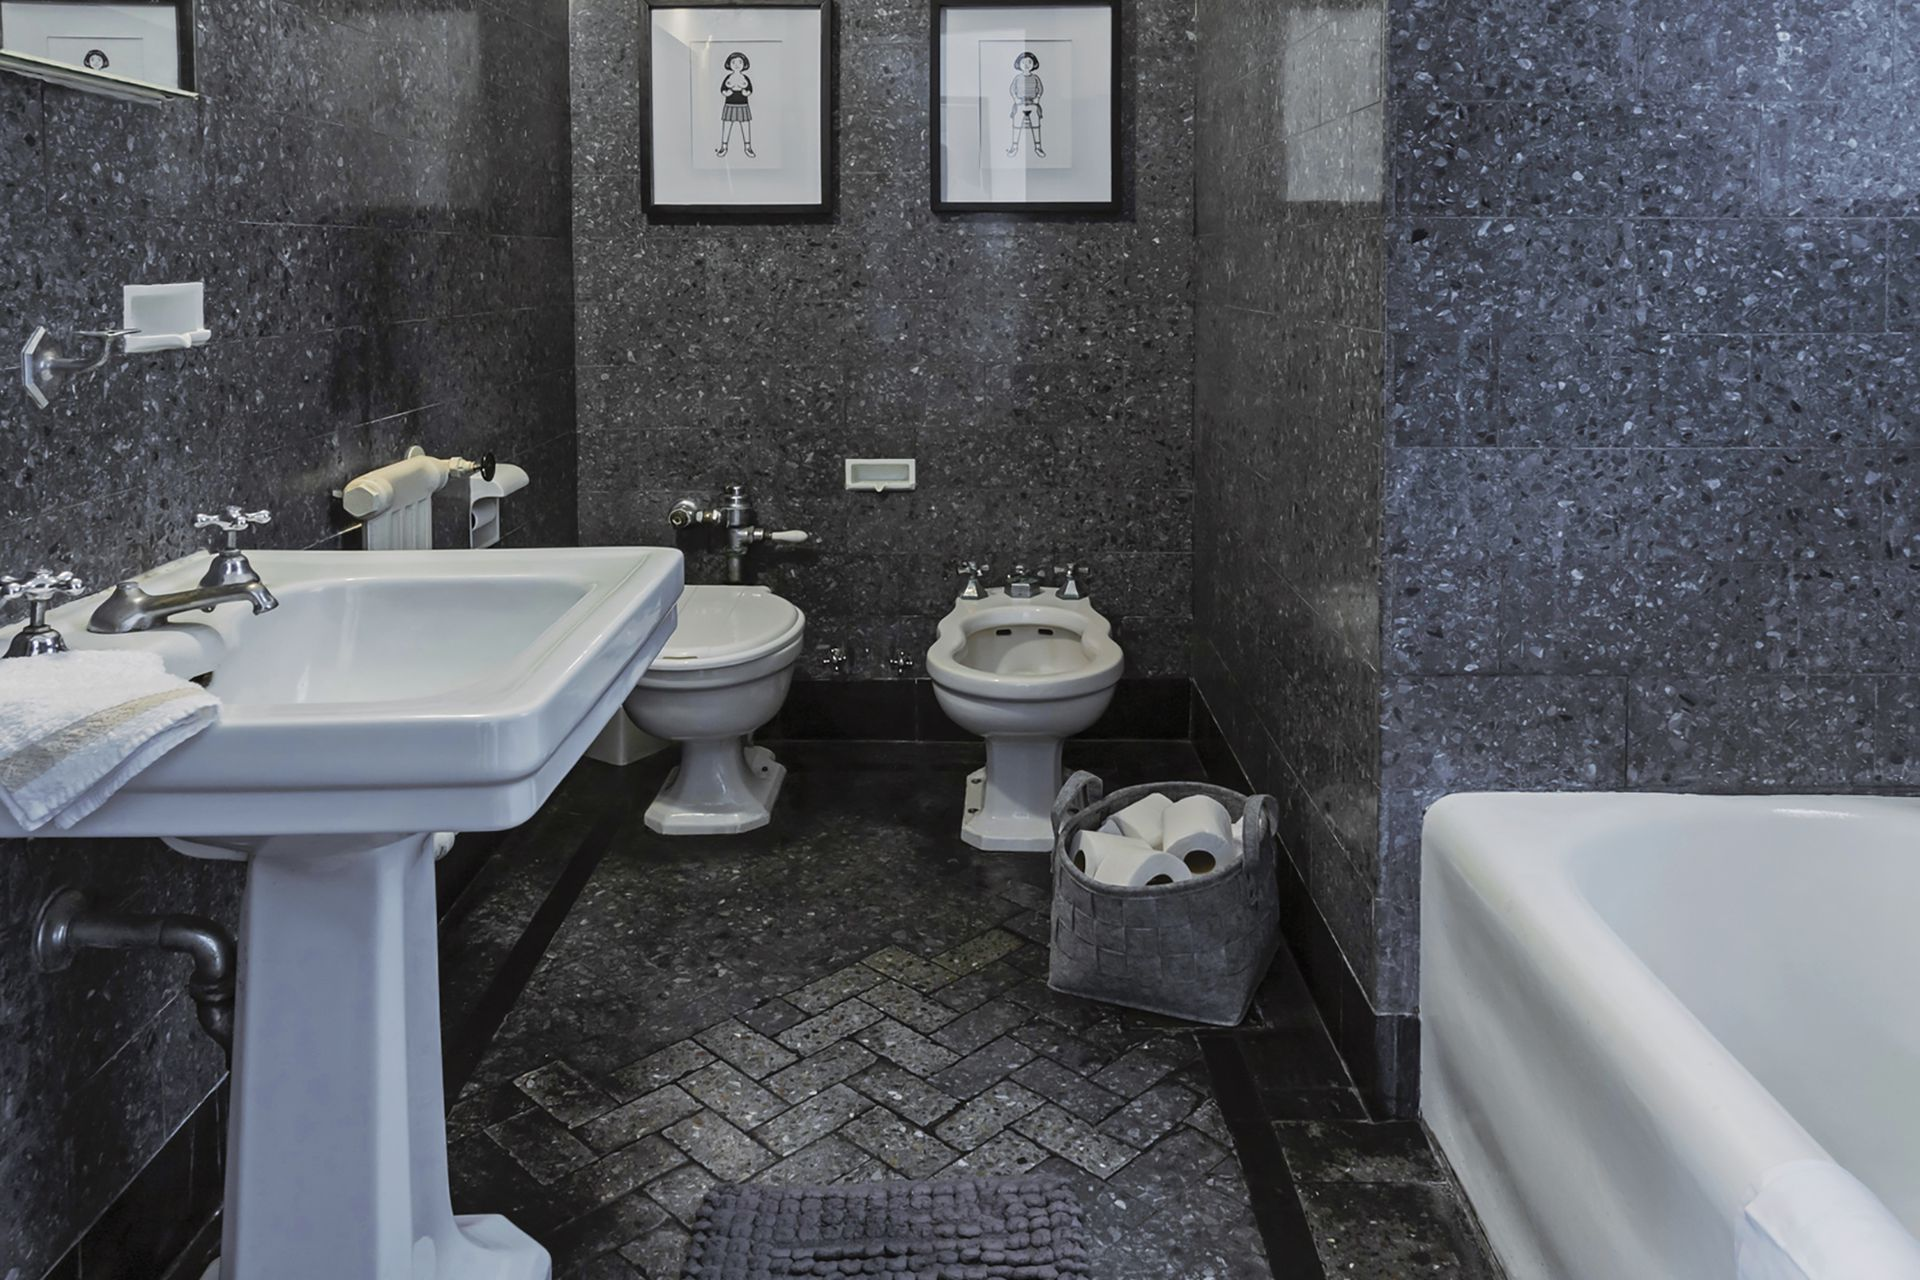 En el baño, se respetaron artefactos y revestimientos originales, en sintonía con las áreas públicas del edificio, de influencia art déco.